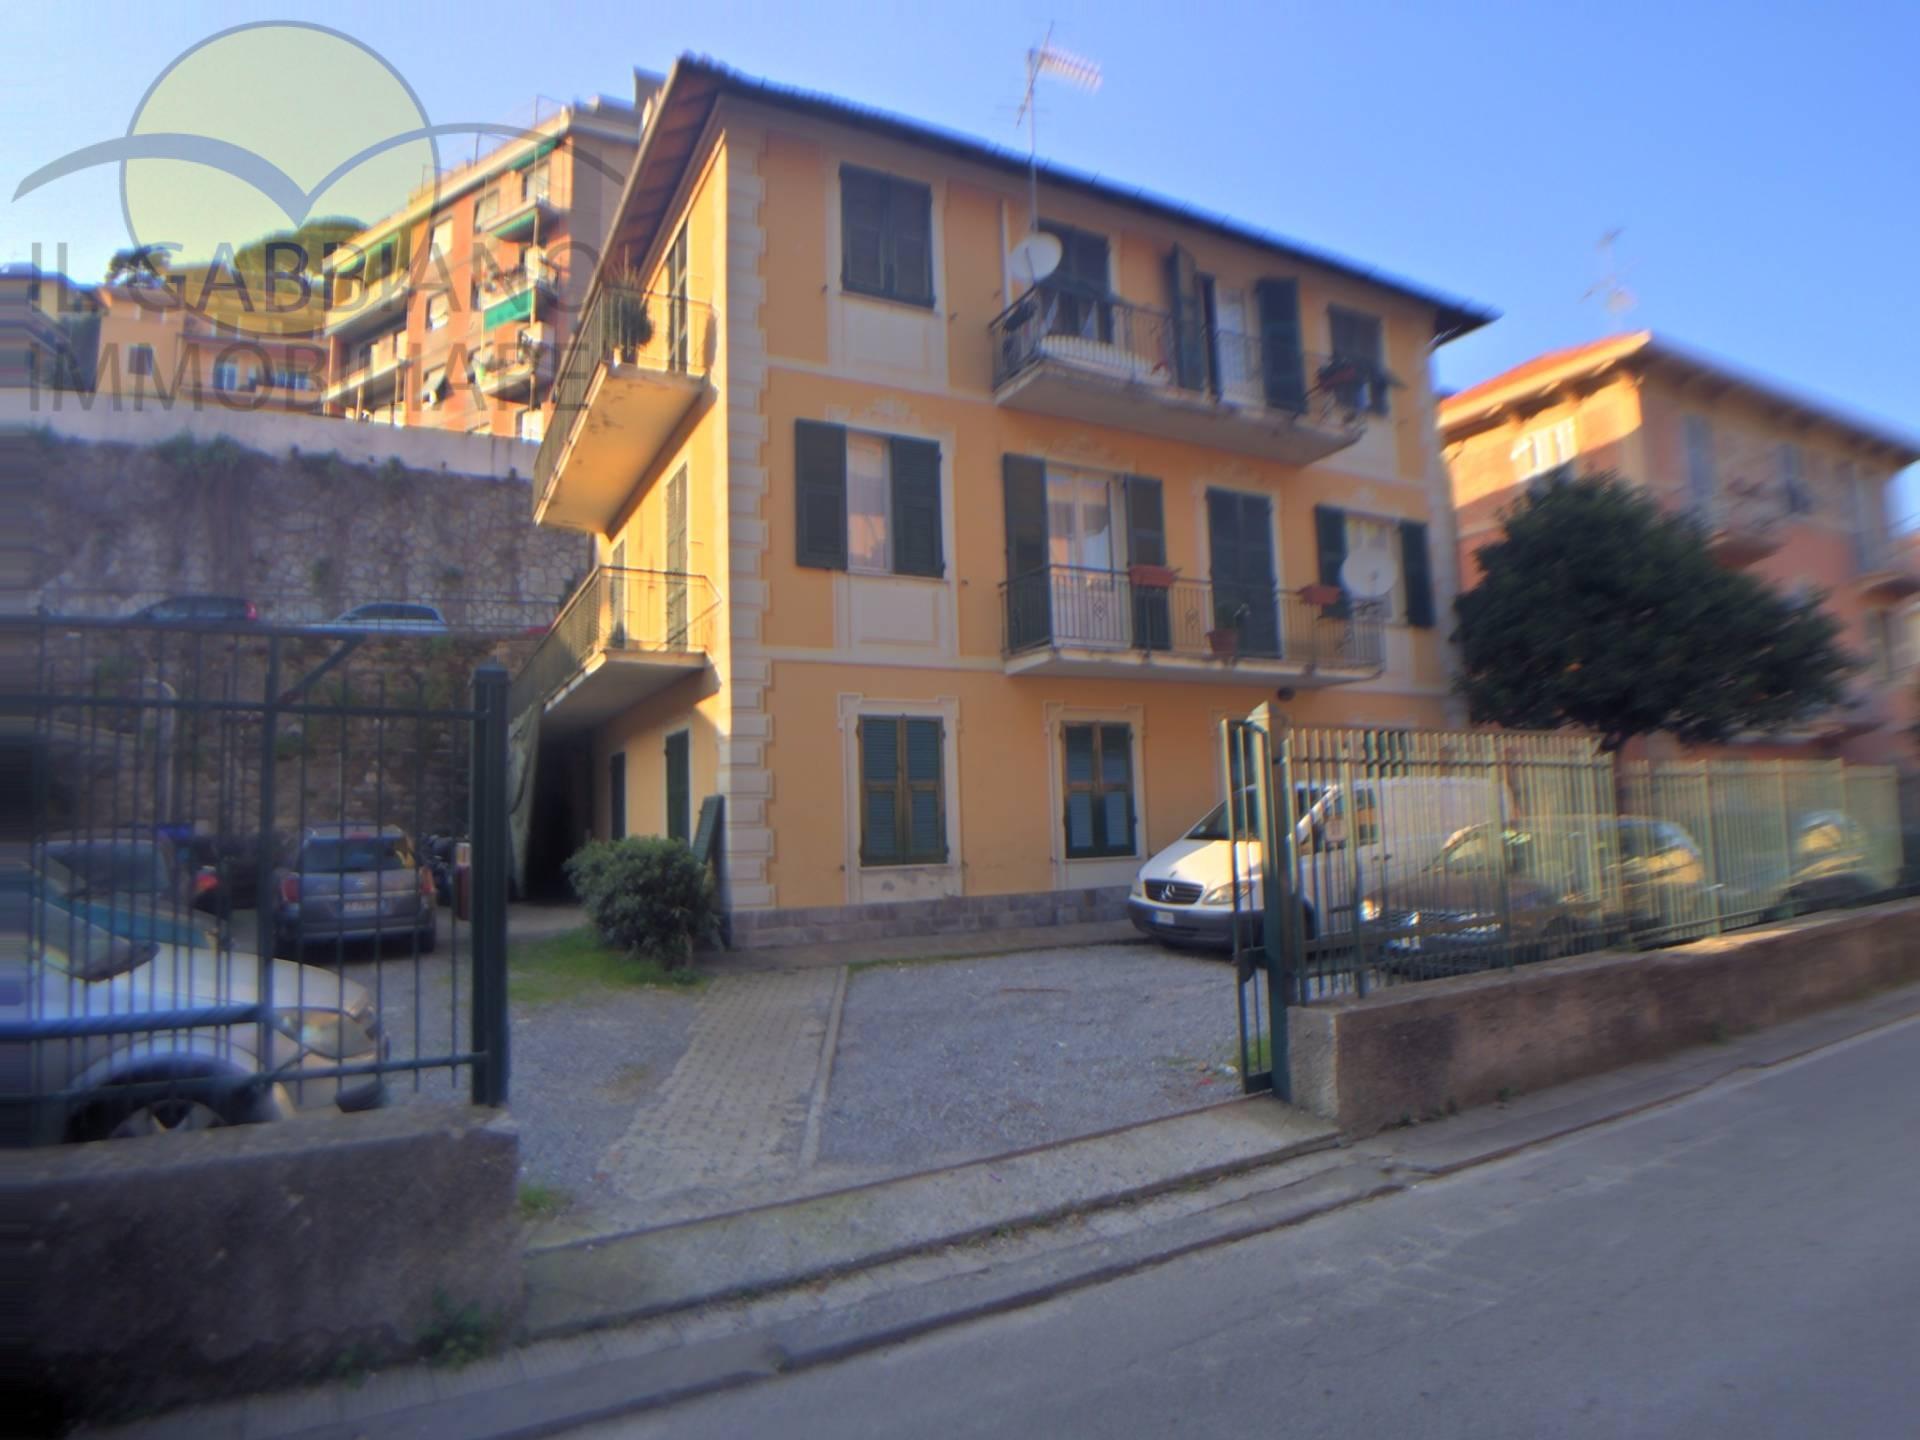 Ufficio / Studio in affitto a Recco, 9999 locali, prezzo € 800 | Cambio Casa.it